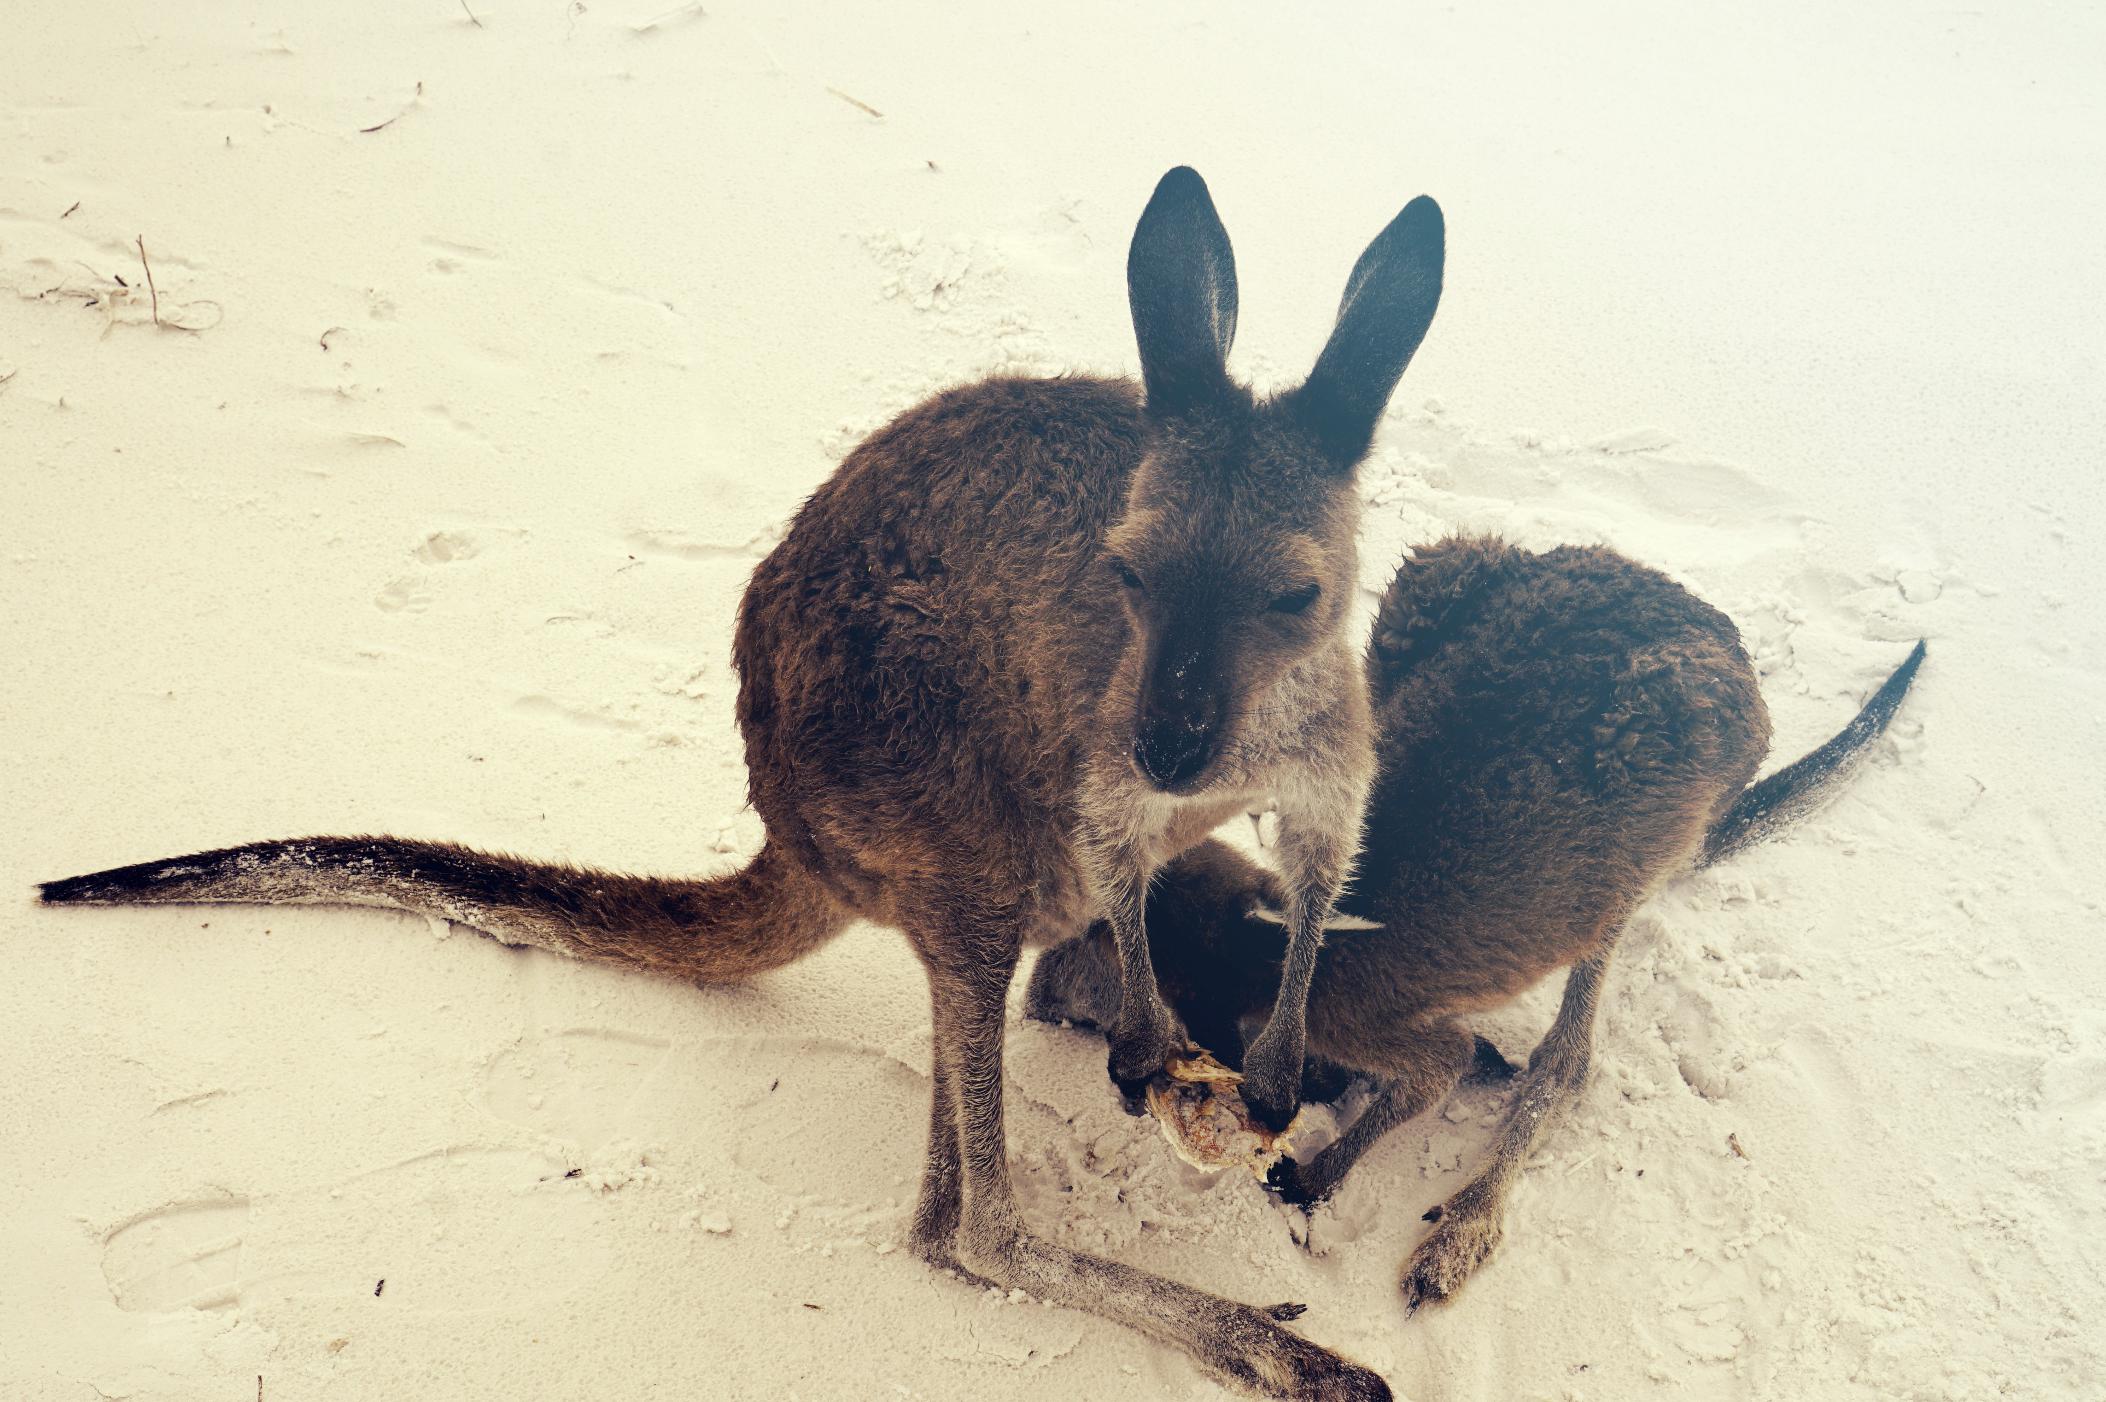 maybeyoulike_luckybay_australia_9